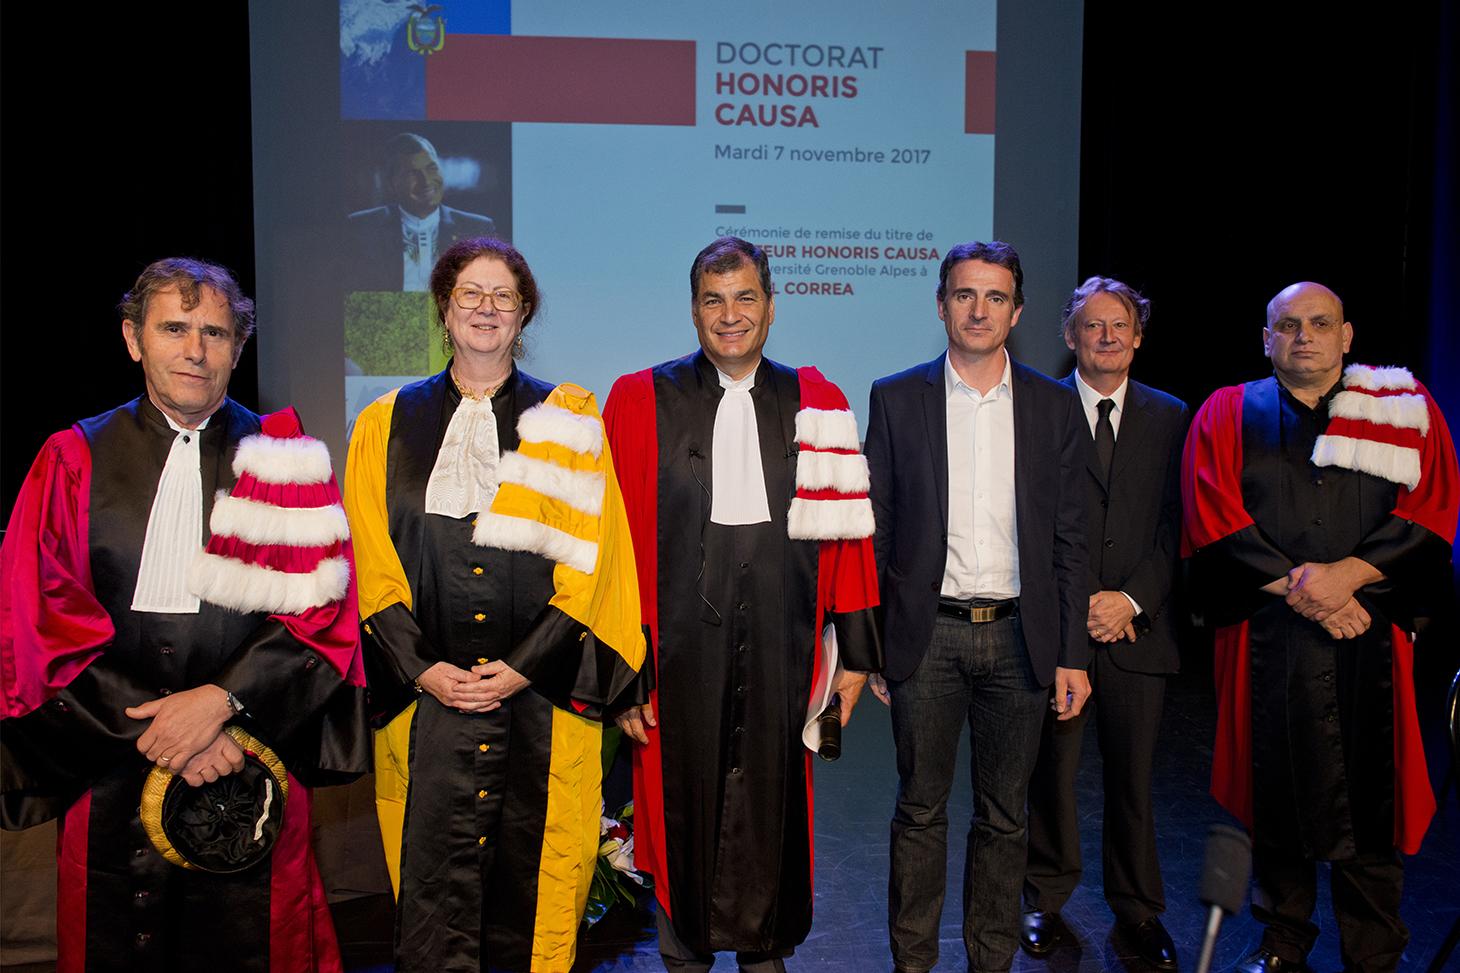 De gauche à droite : Patrick Lévy (président de la communauté Université Grenoble Alpes), Lise Dumasy, Rafael Correa, Eric Piolle (maire de Grenoble), Pierre Berthaud et Michel Rocca